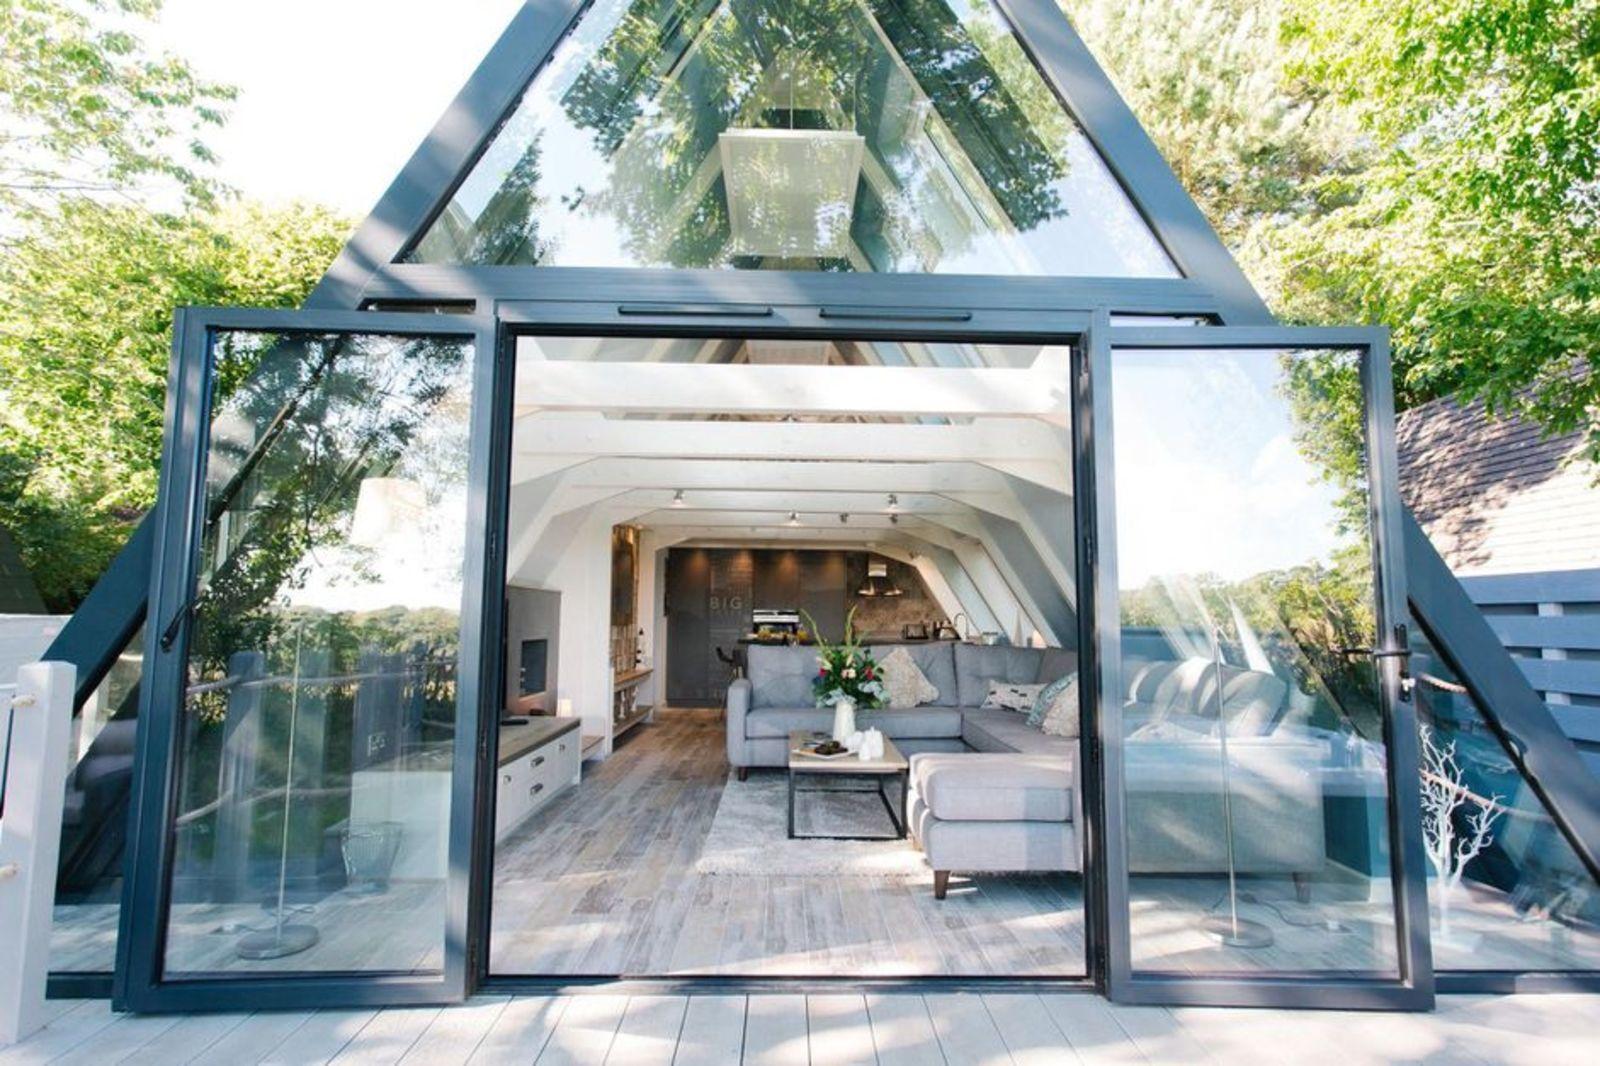 Glass lodge, hoseasons, Clowance